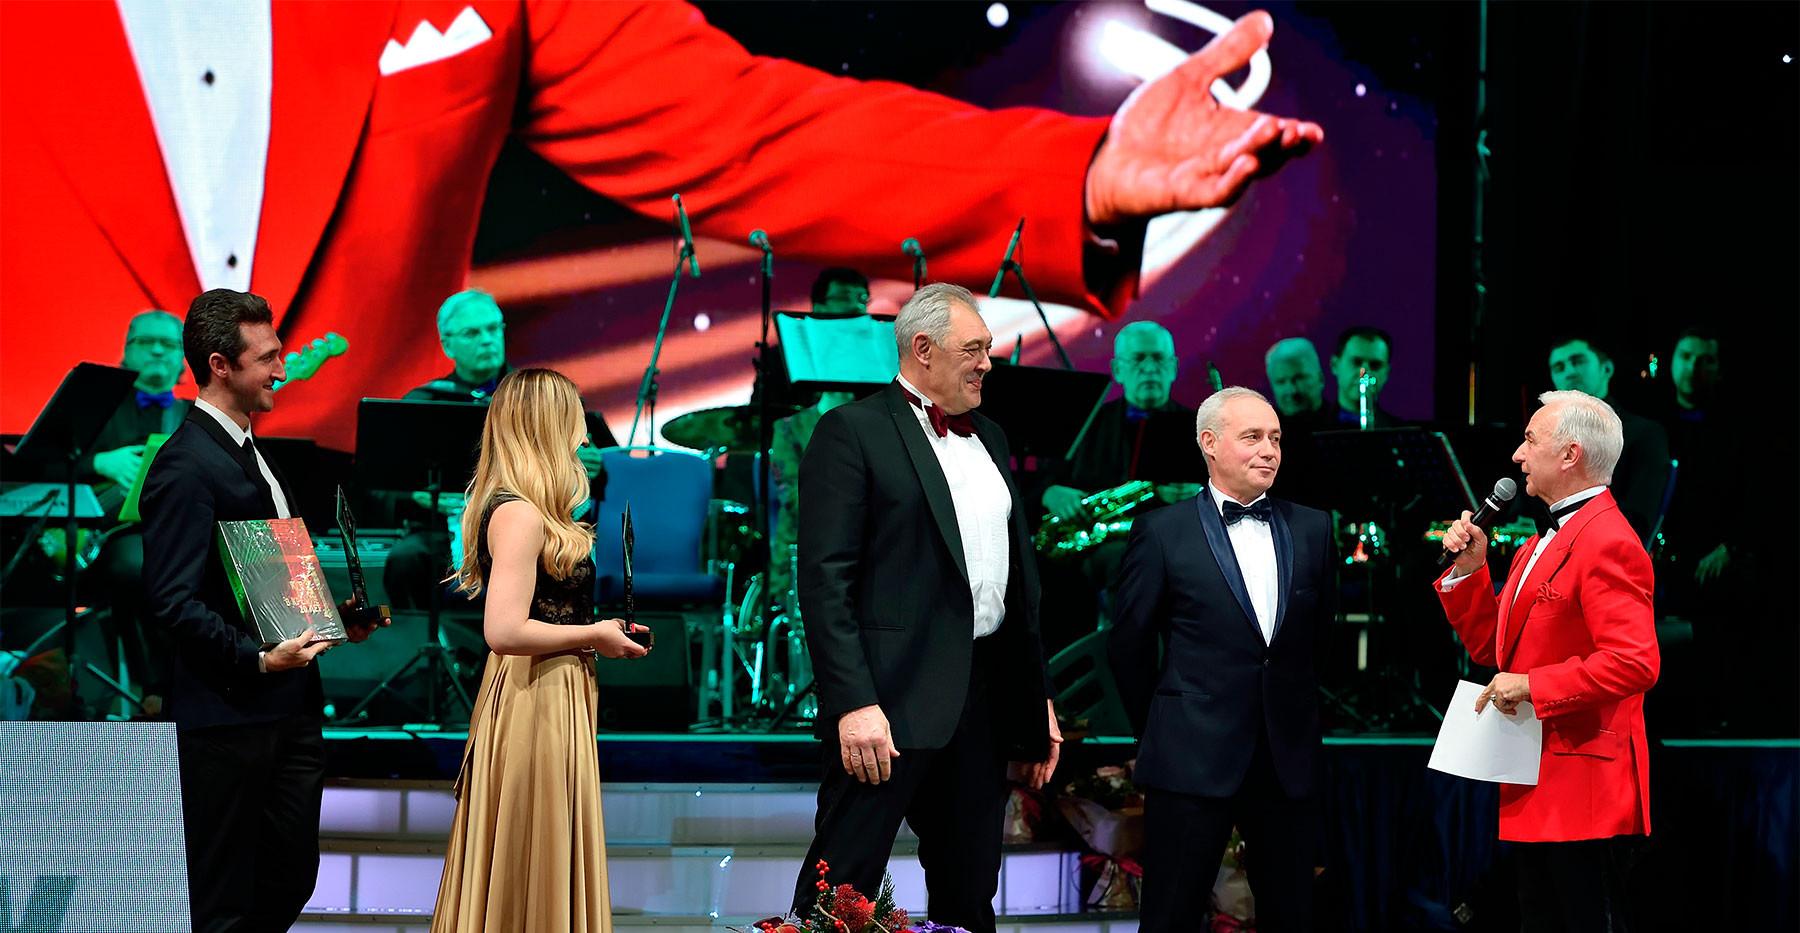 Александр Муравьев, Олег Кудинов и Станислав Попов, фото Олег Коныжев